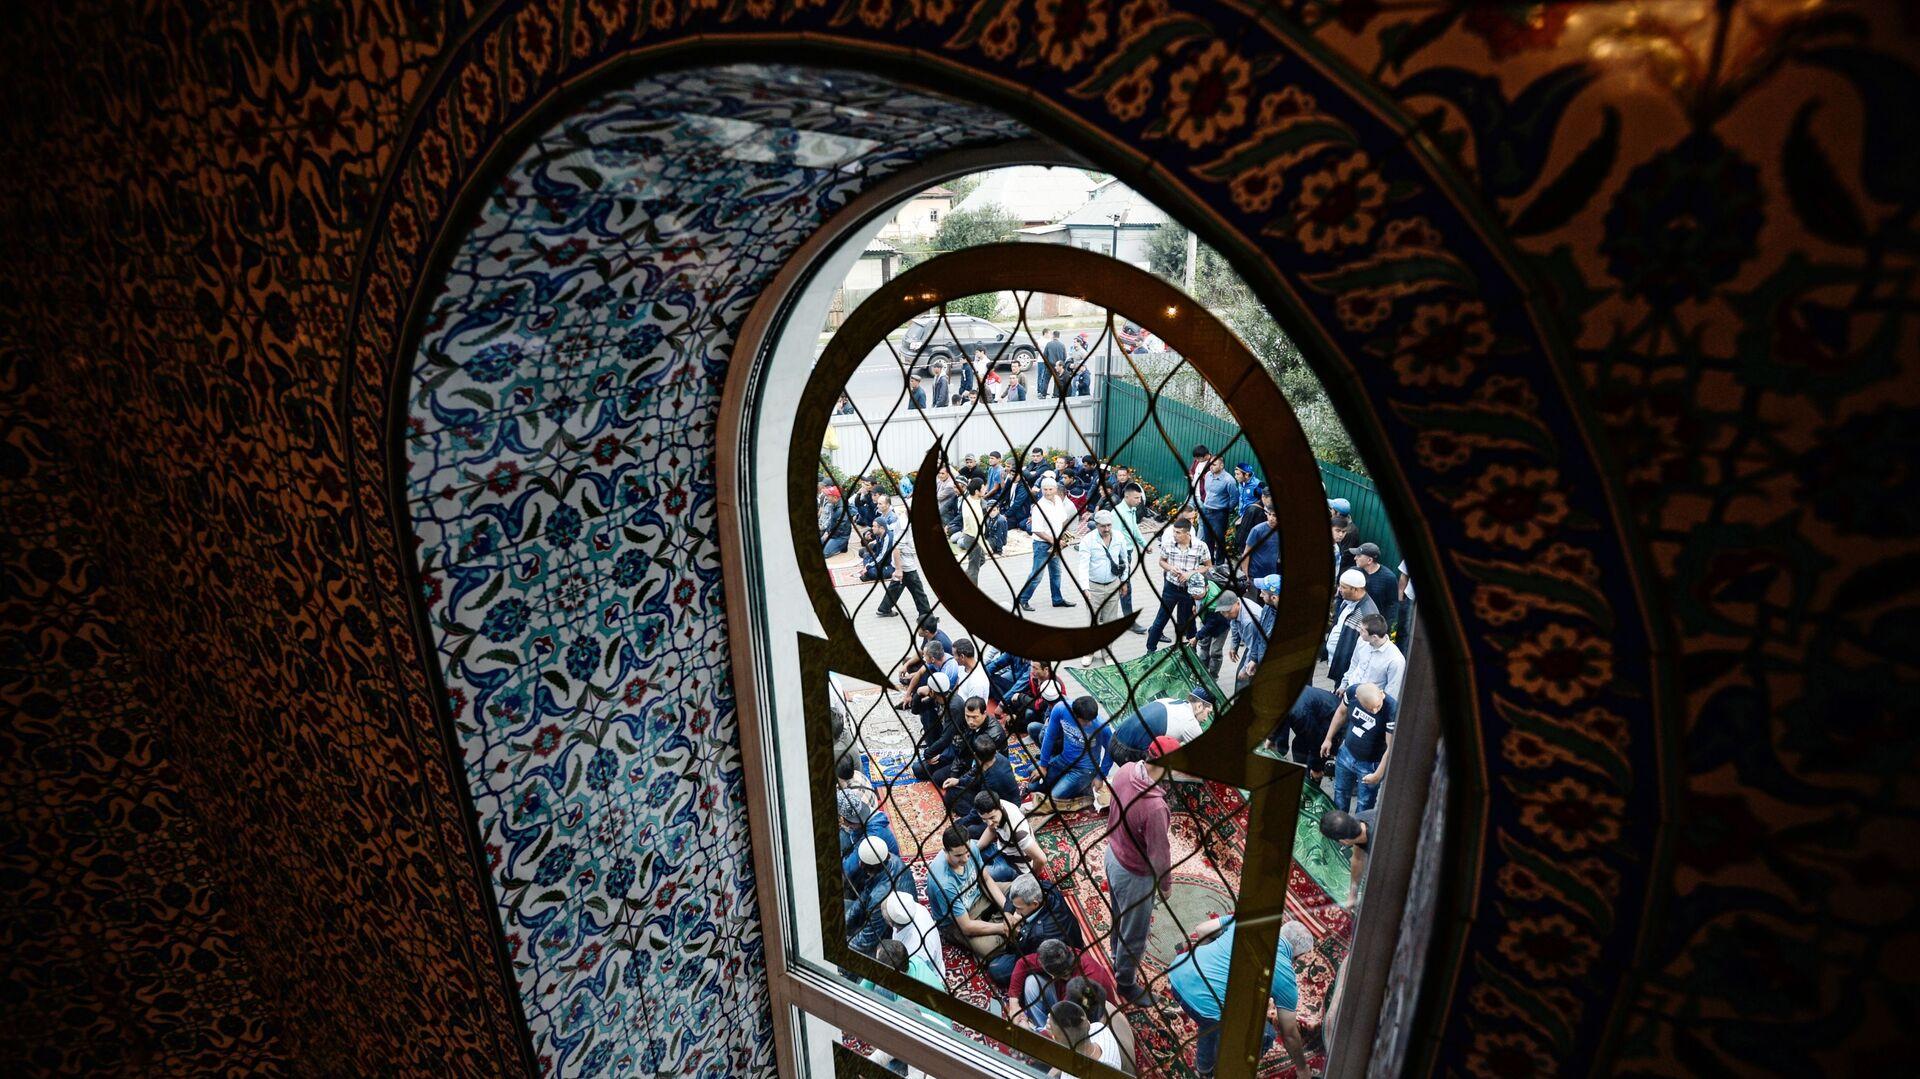 Верующие в праздник Курбан-Байрам у Соборной мечети Барнаула - Sputnik France, 1920, 27.09.2021